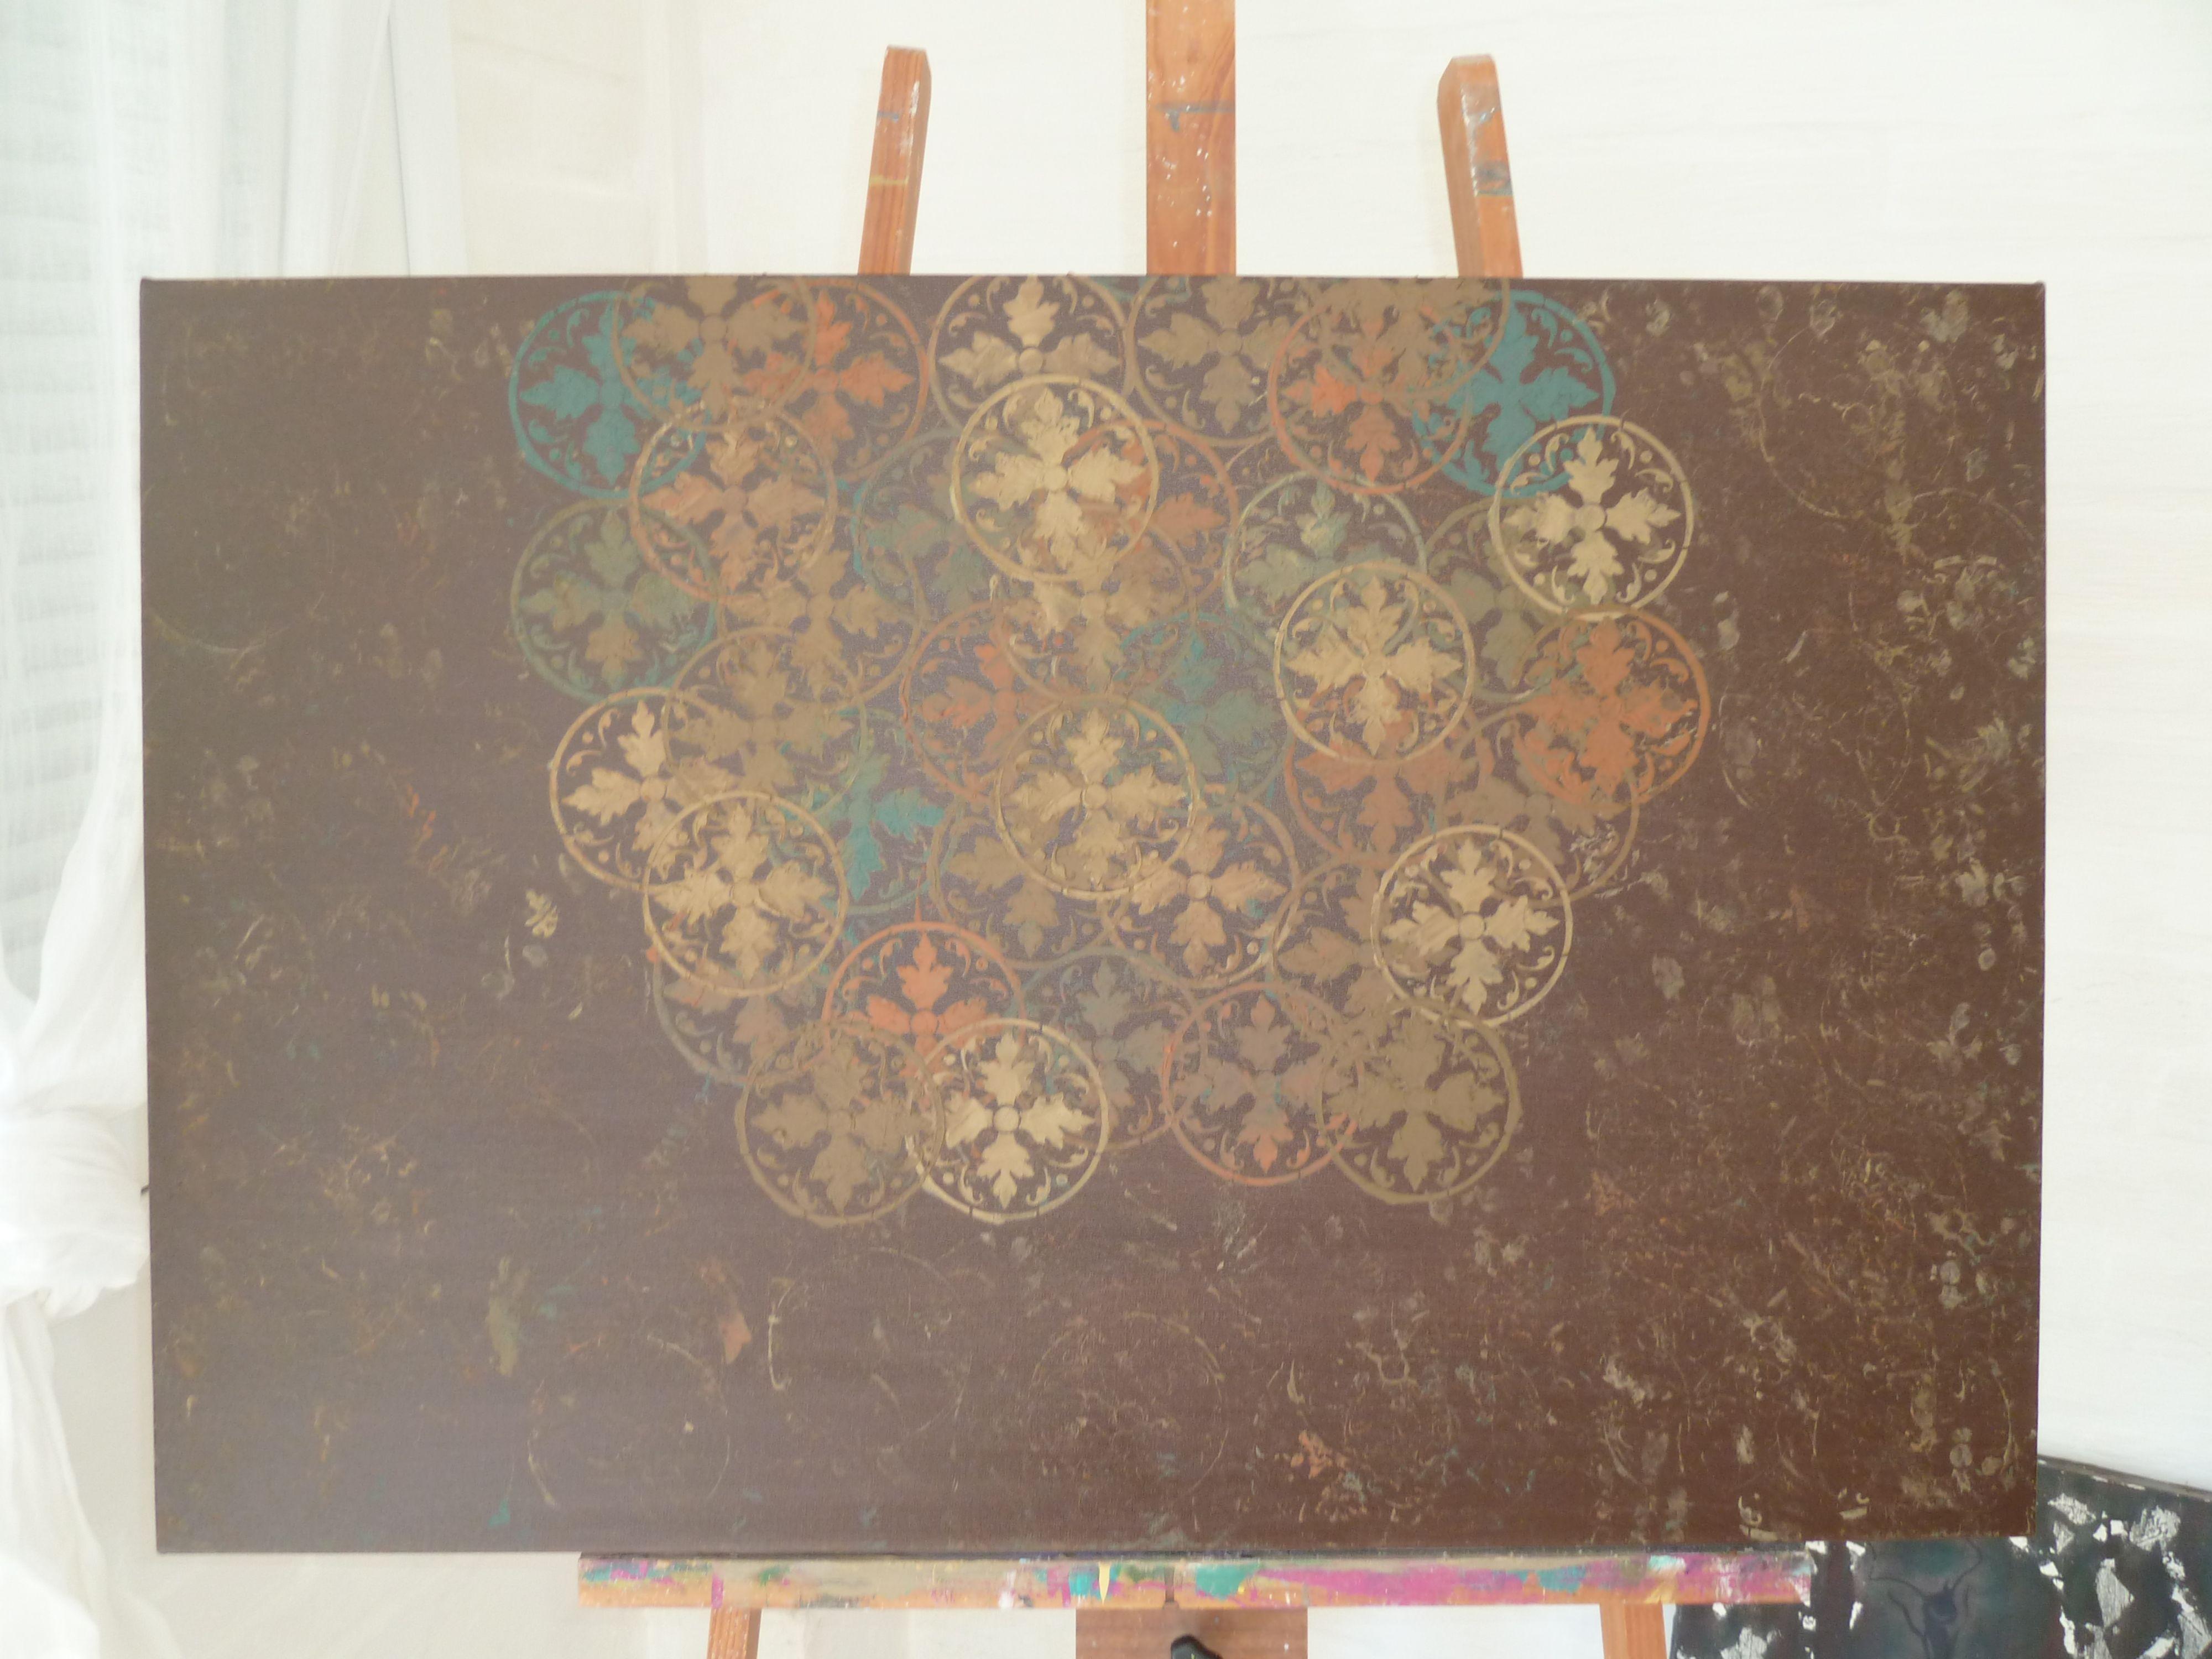 tela Espiritual III em pintura acrilica e tecnica mista  2011 - 60x90 - acrylic on canvas - Melina Ollandezos